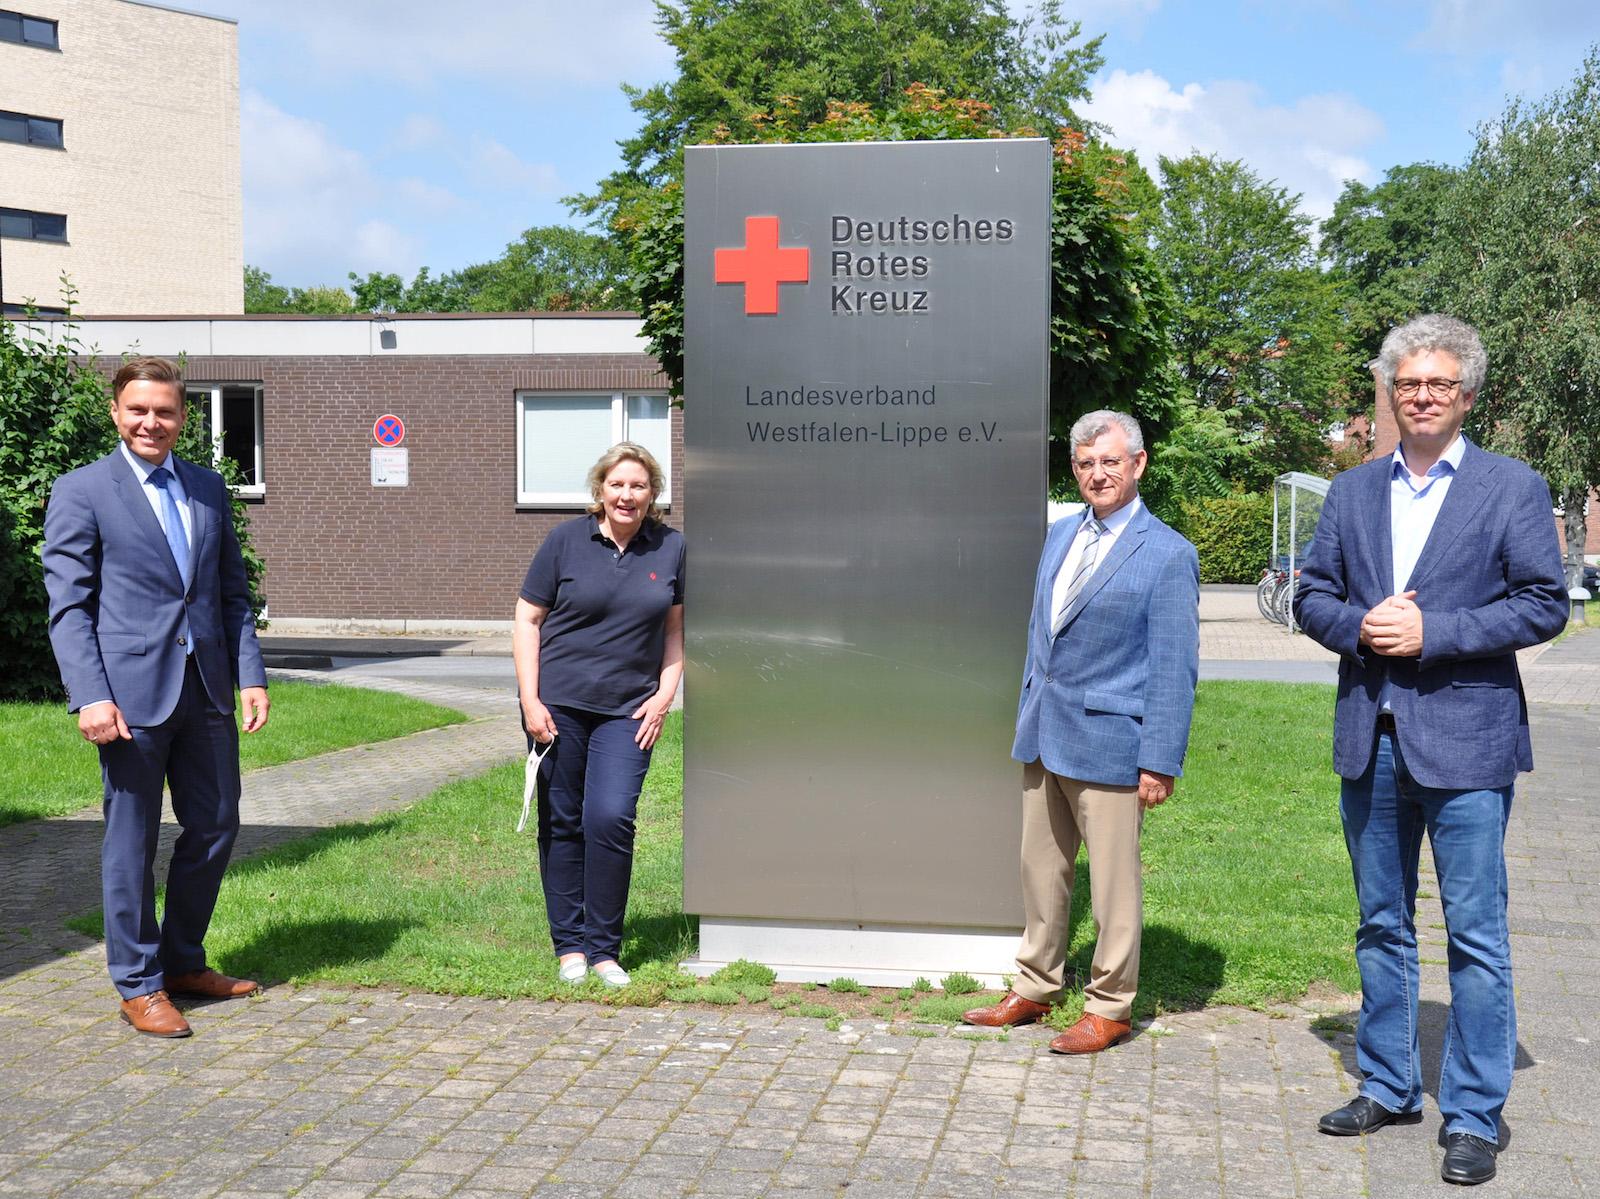 Foto (v. links): Dr. Hasan Sürgit (Vorstandsvorsitzender DRK-Landesverband Westfalen-Lippe), Simone Wendland MdL, Dr. Fritz Baur (Präsident DRK-Landesverband Westfalen-Lippe) und Dr. Stefan Nacke MdL.